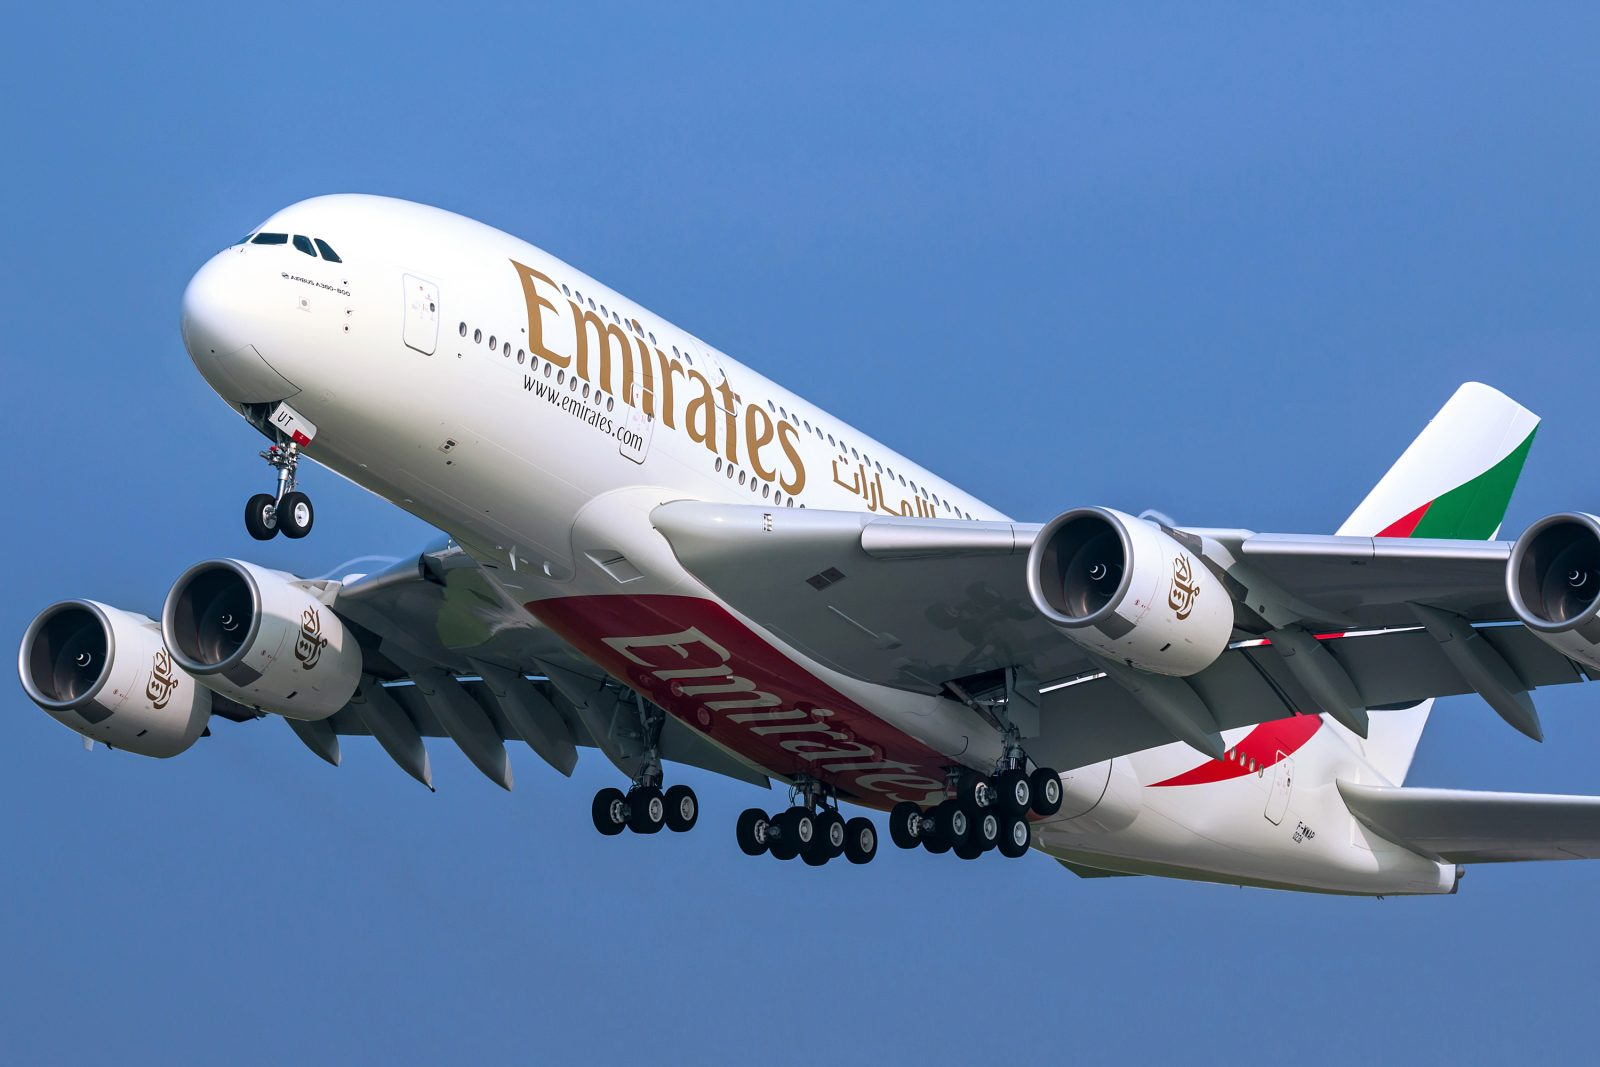 Η Emirates ξεκινά πτήσεις για Λάρνακα και για έξι ακόμη πόλεις του δικτύου της